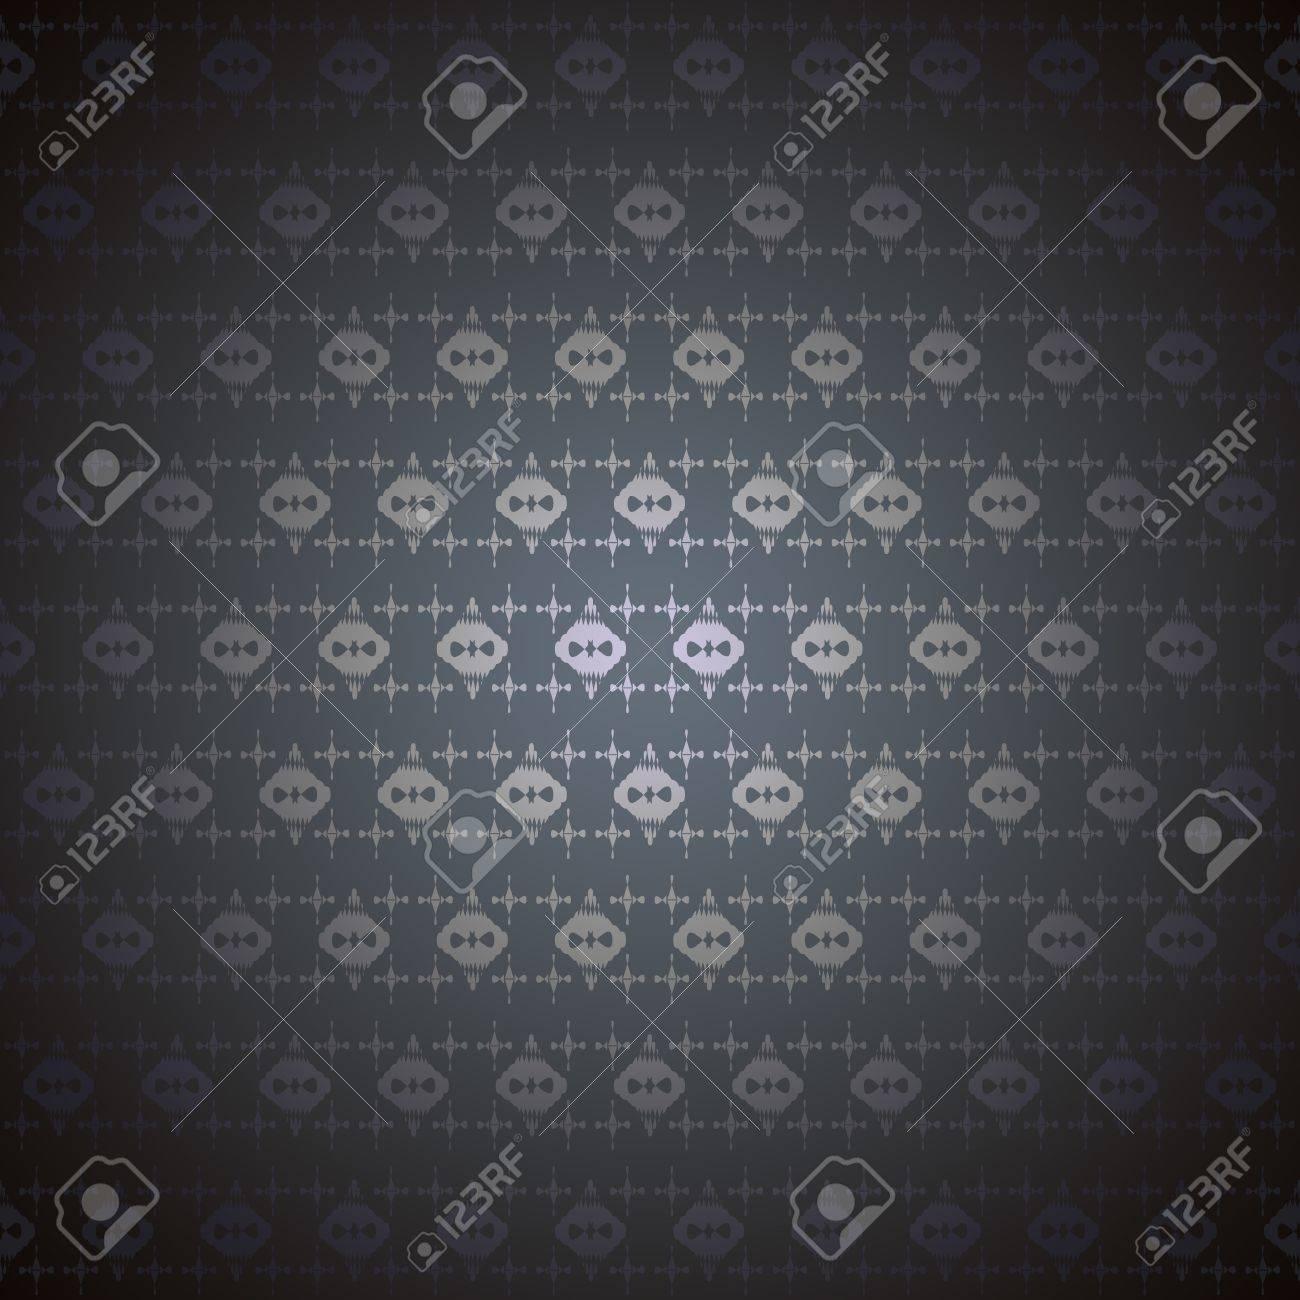 シームレス パターン壁紙黒ゴシック シンボル の写真素材 画像素材